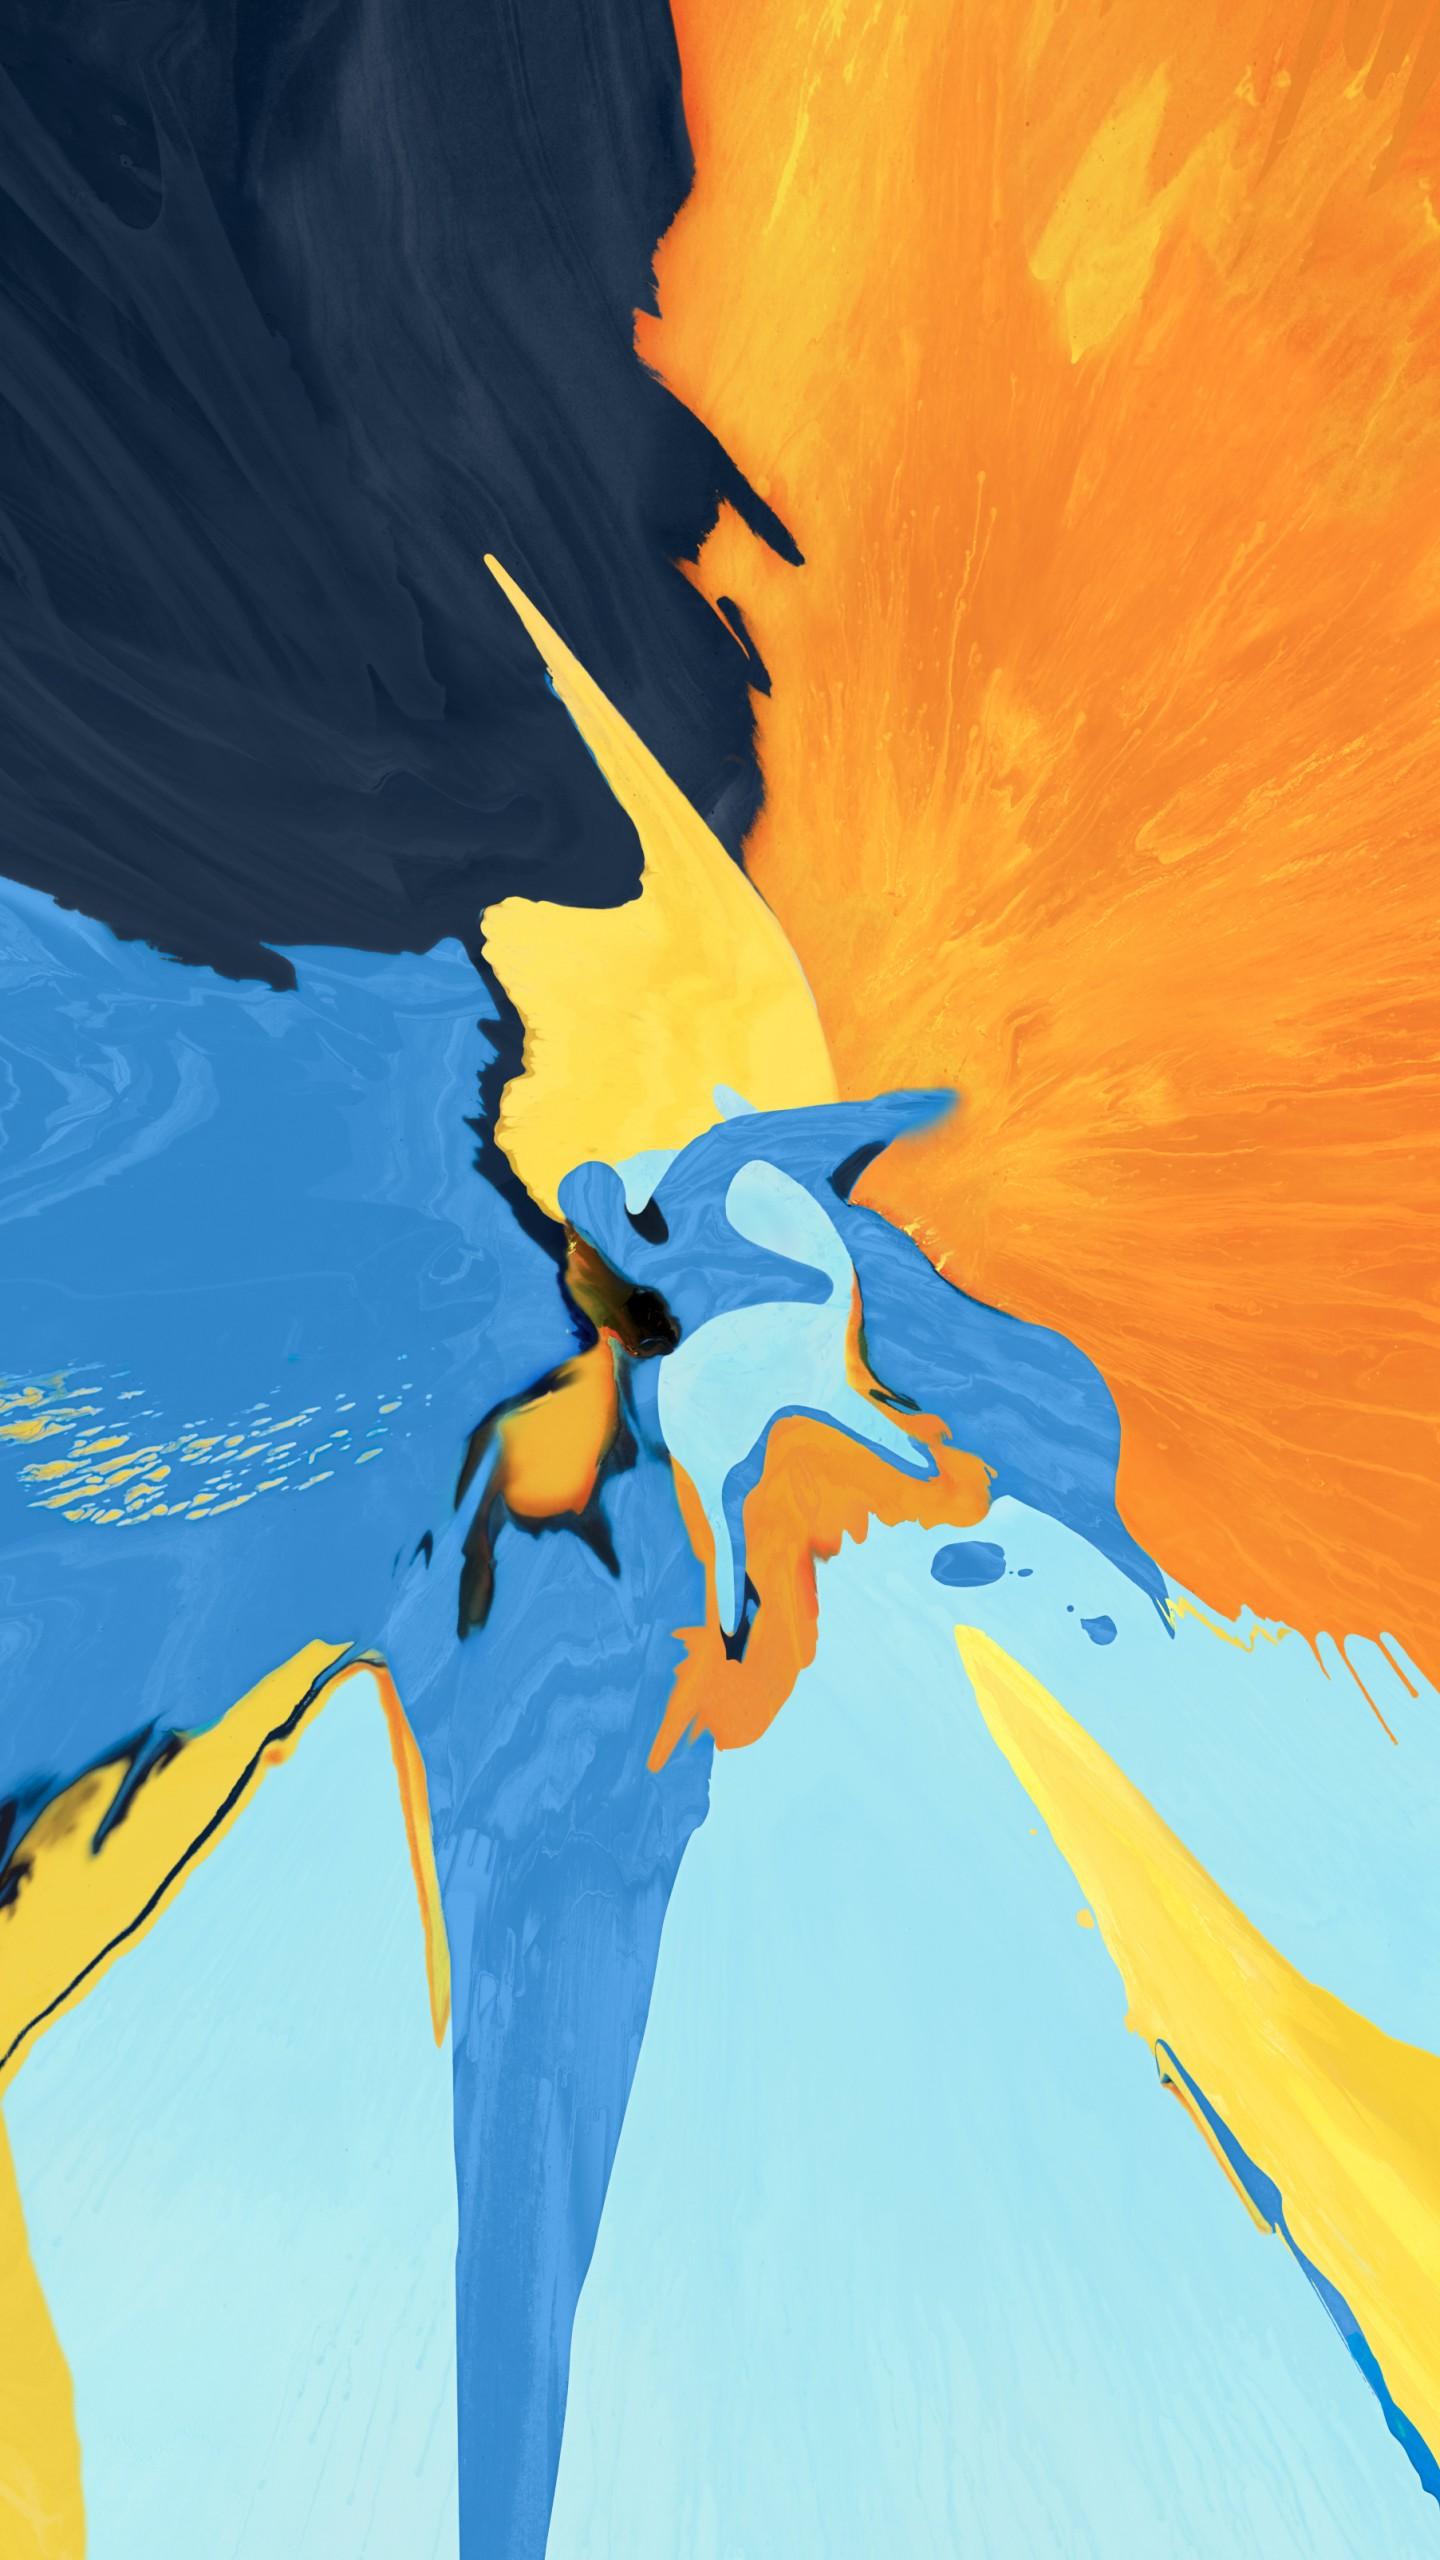 Wallpaper abstract colorful ipad pro 2018 4k os 20826 - 4k ipad wallpaper ...